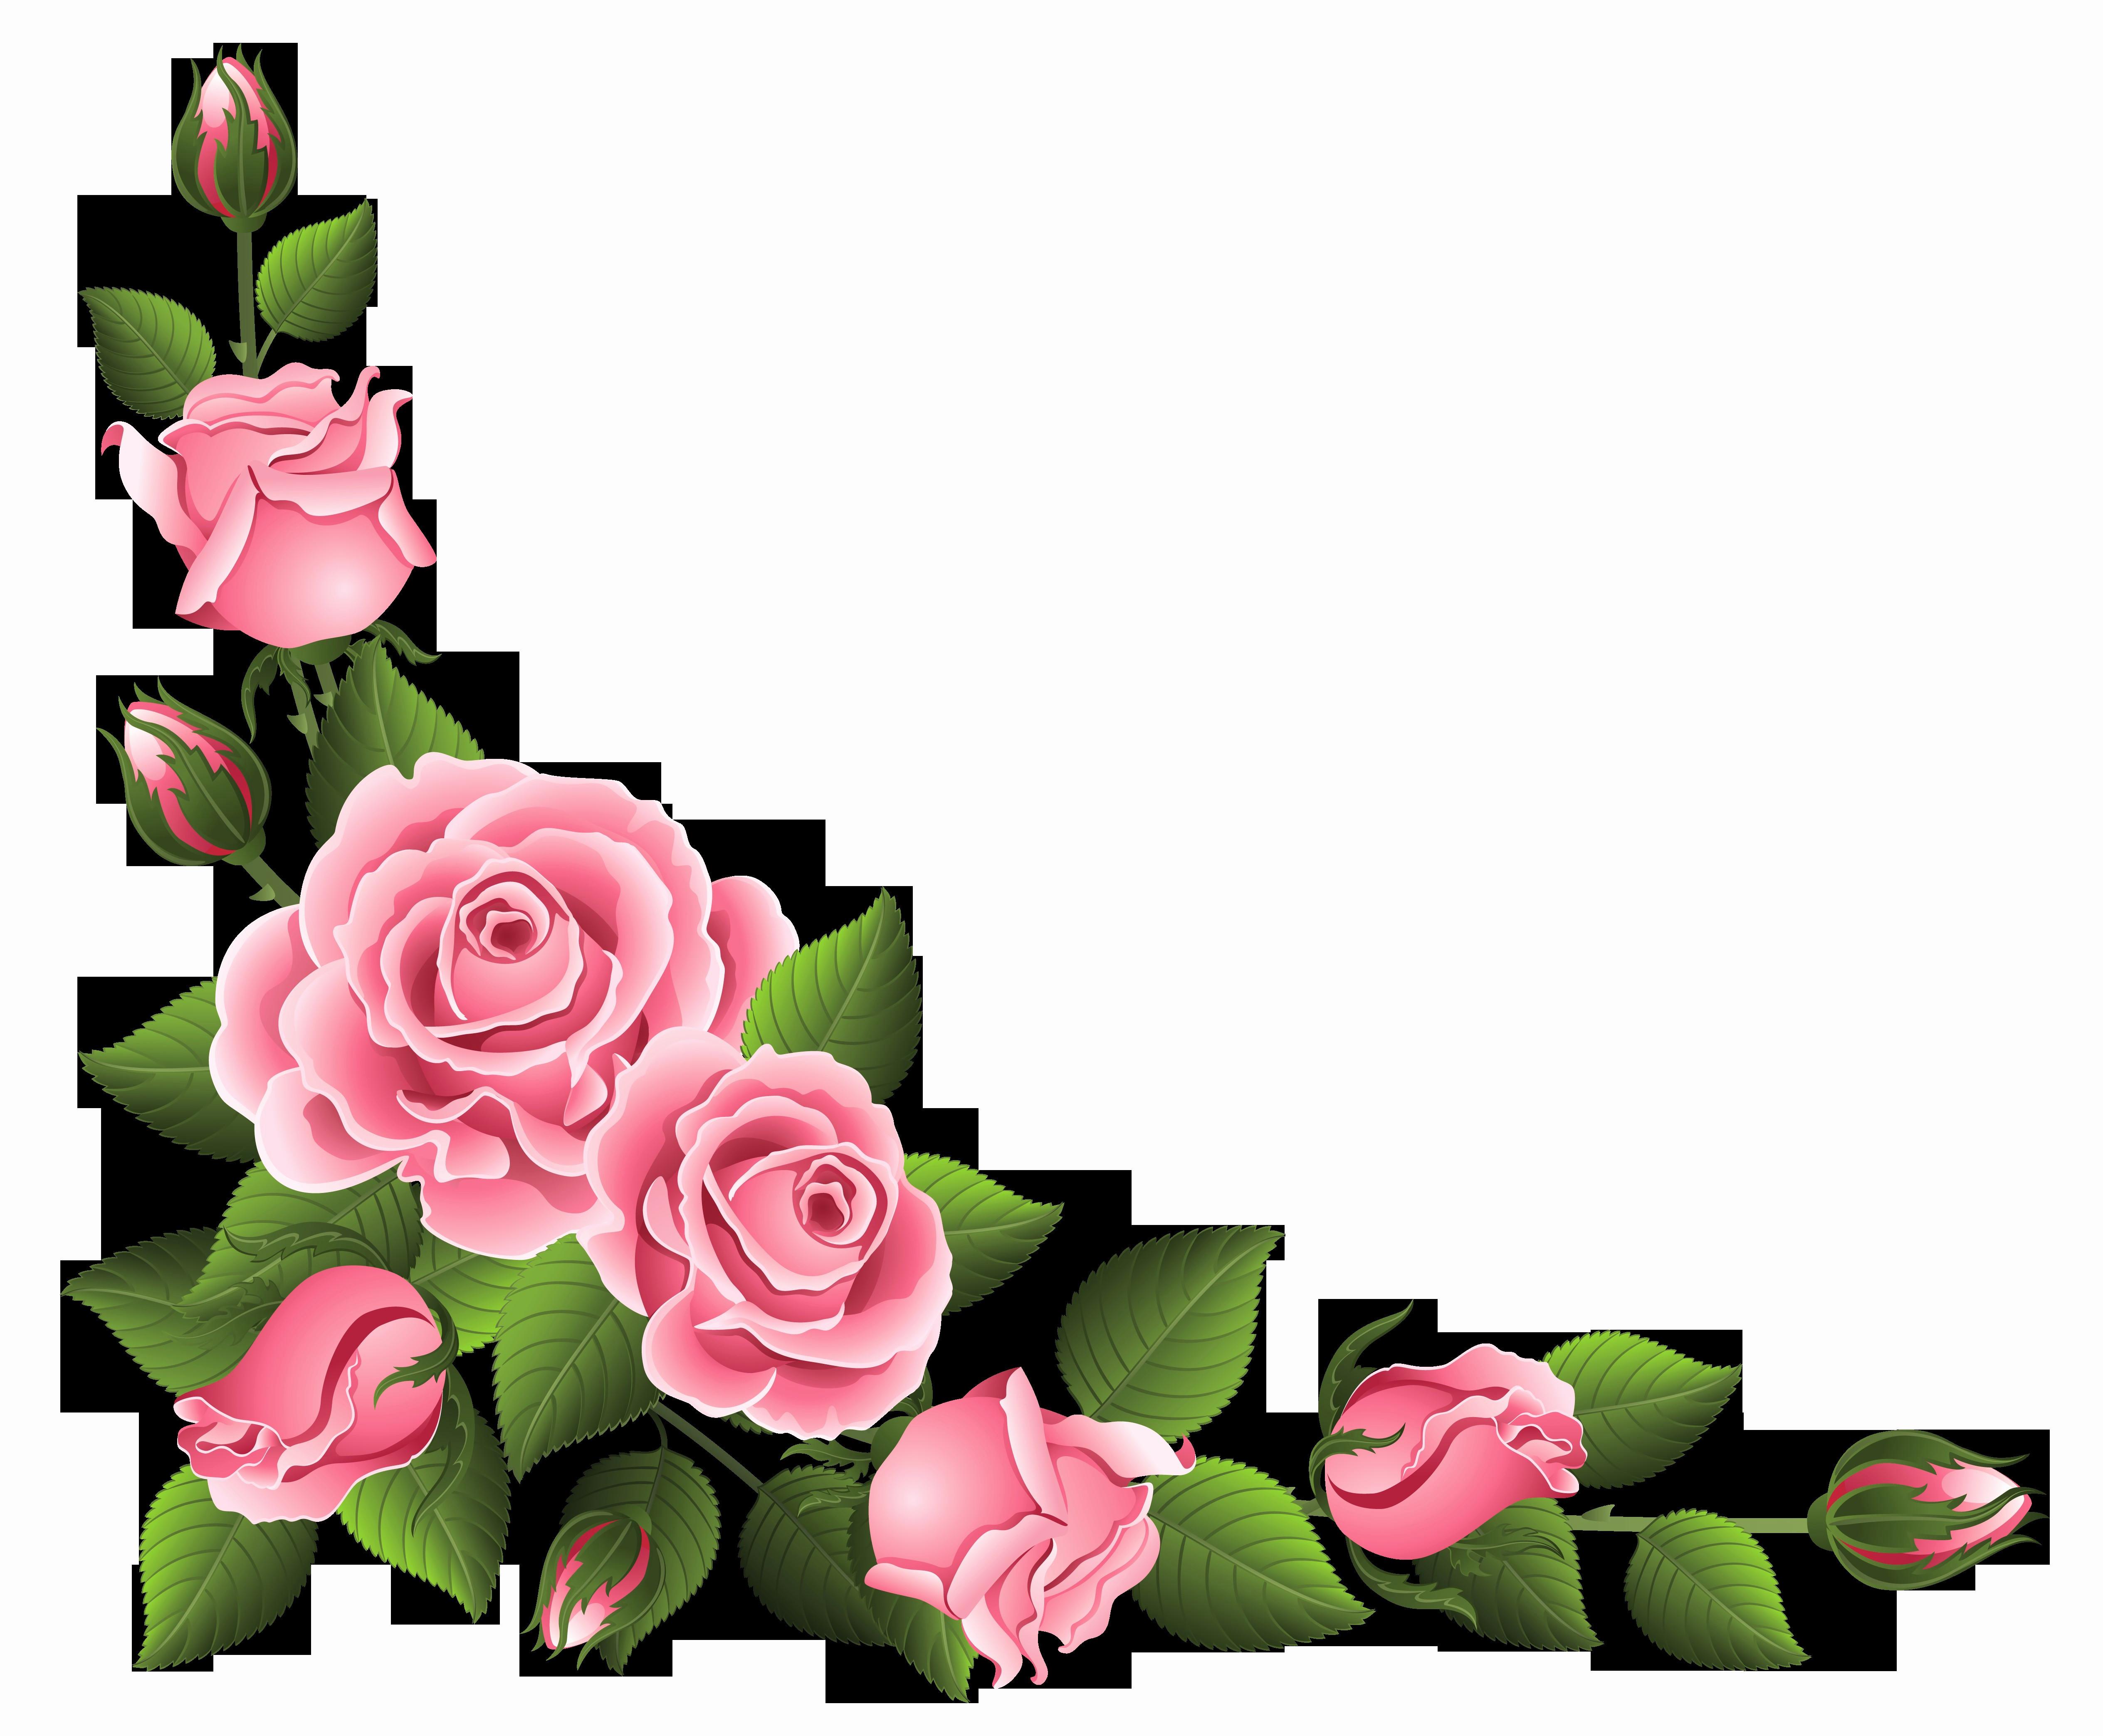 vase stand of 10 best of vase stand bogekompresorturkiye com regarding bodenvase deko neu flower vase table 04h vases tablei 0d clipart dining base end design